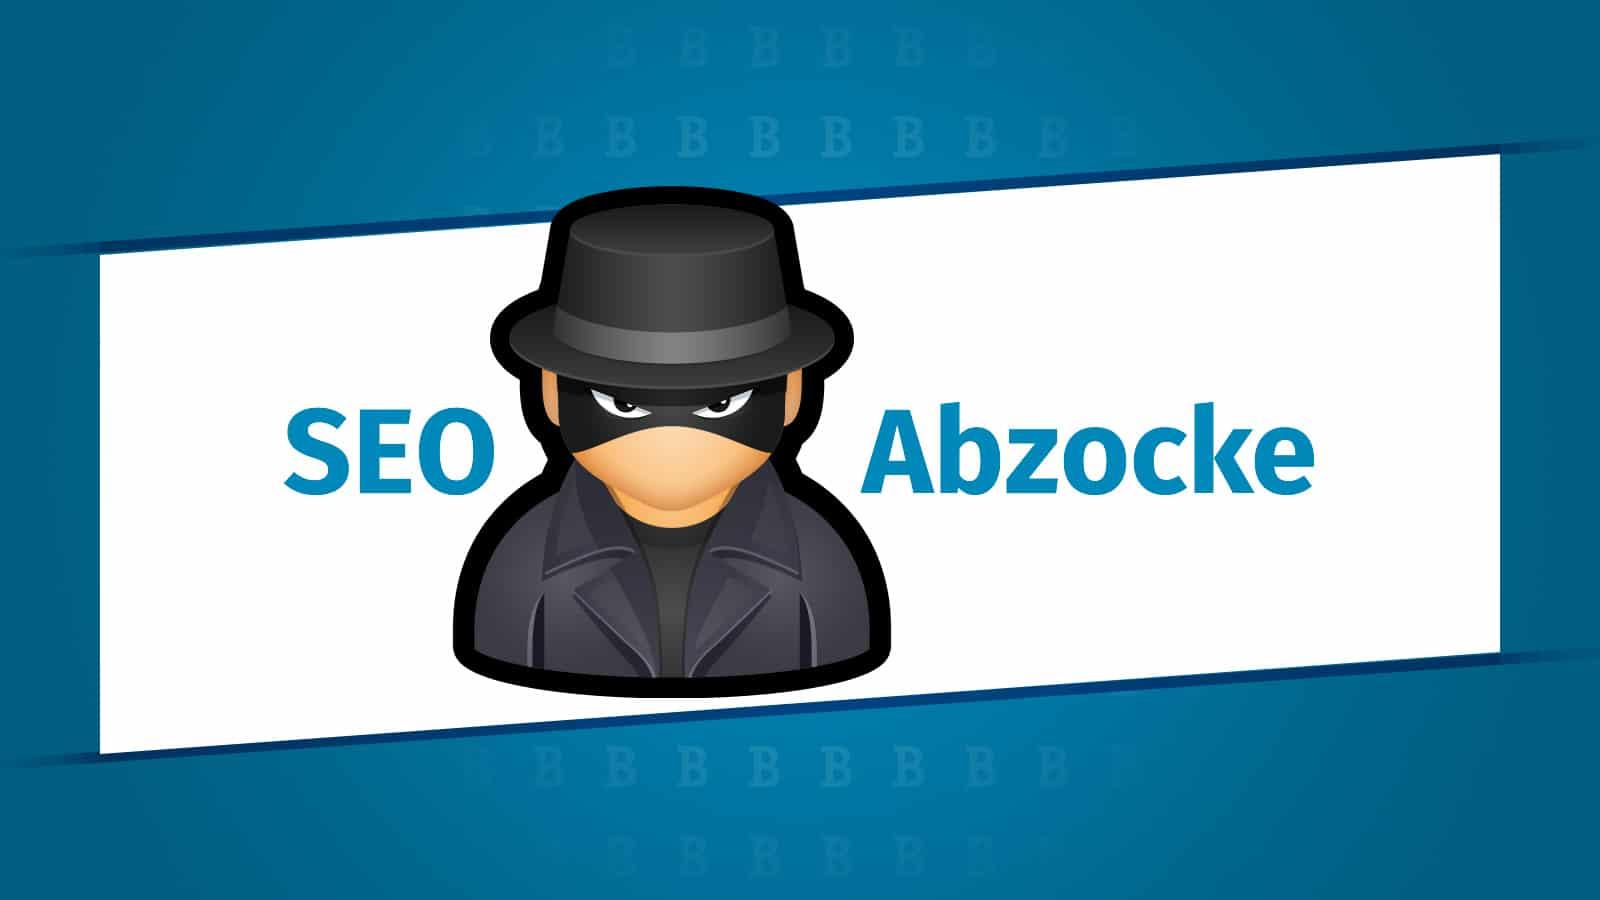 SEO-Abzocke - Betrug bei der Suchmaschinenoptimierung durchschauen